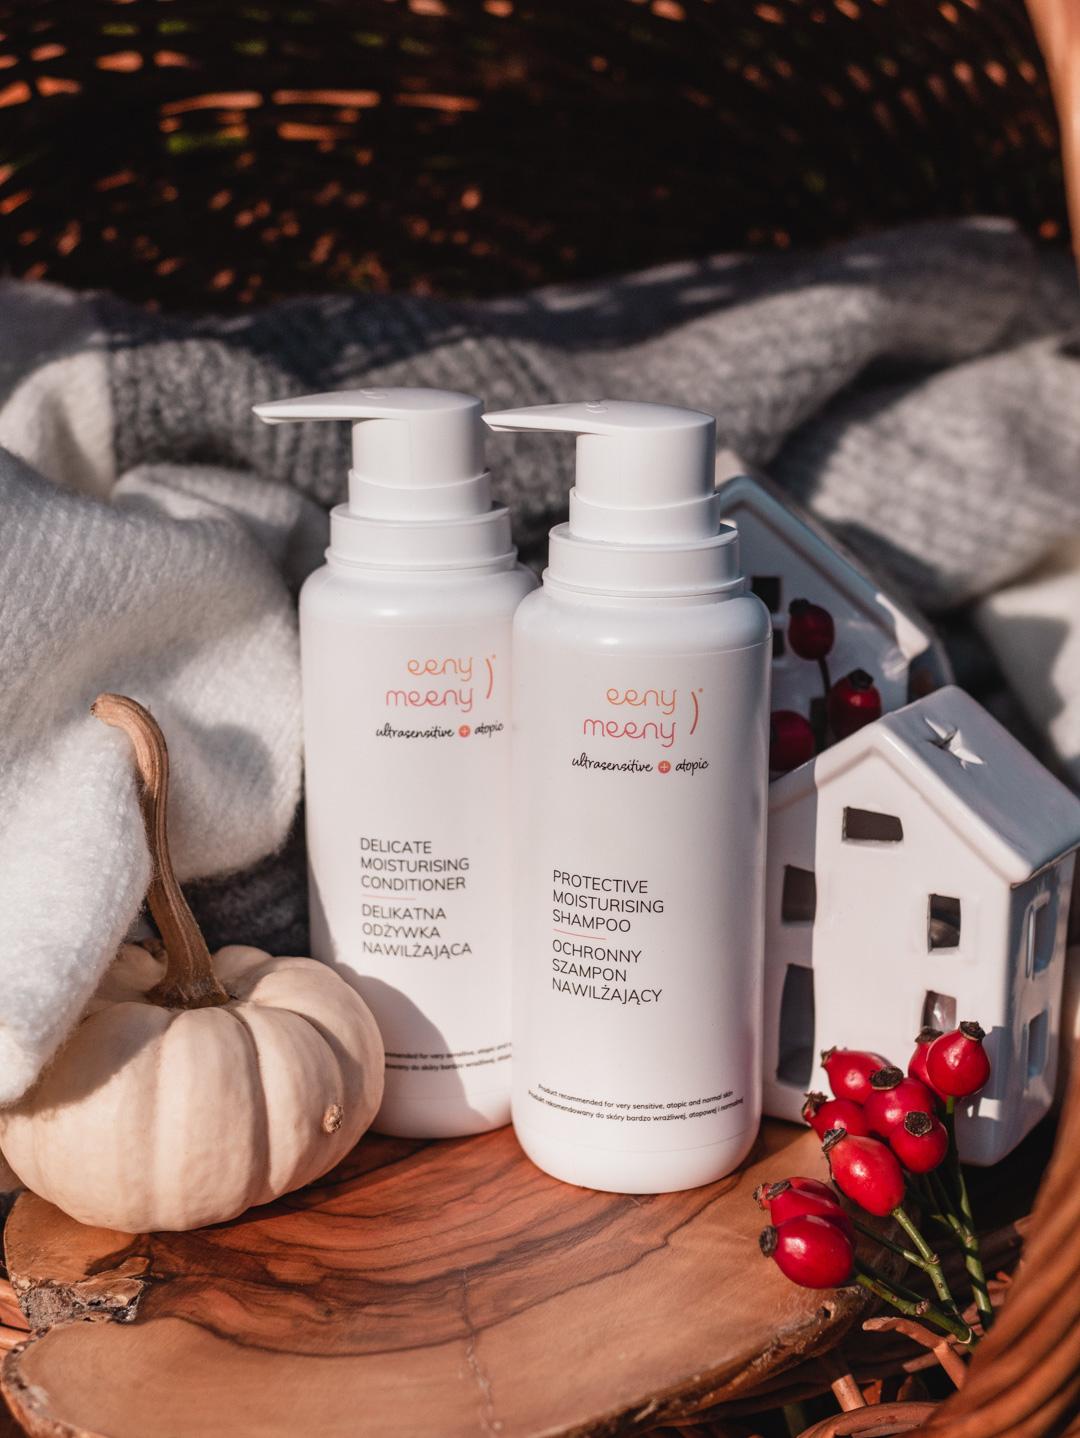 Ulubieńcy ostatnich miesięcy | Eeny Meeny Ochronny szampon nawilżający i Delikatna odżywka nawilżająca